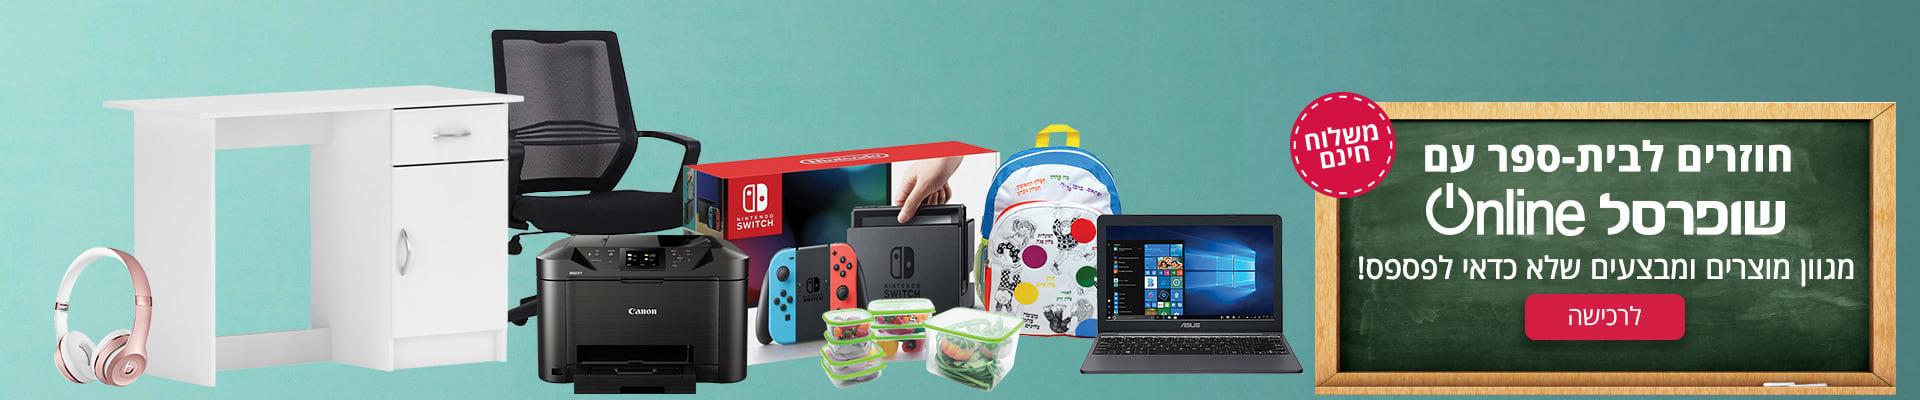 חוזרים לבית ספר עם שופרסל אונליין. מגוון מוצרים ומבצעים שלא כדאי לפספס!  לרכישה>>